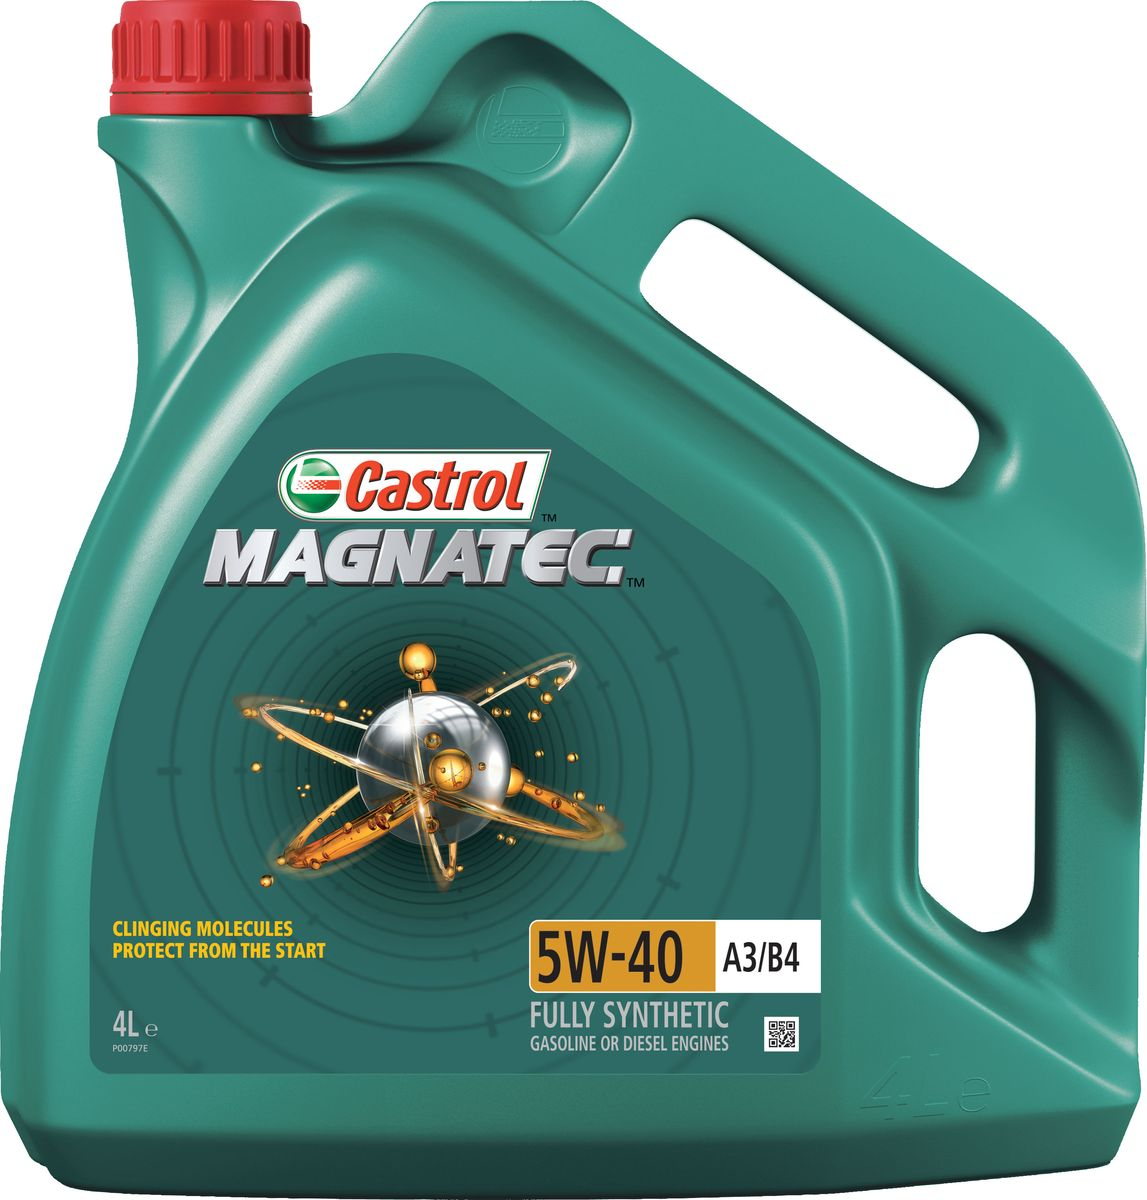 Масло моторное Castrol Magnatec, синтетическое, класс вязкости 5W-40, A3/B4, 4 л156E9EДо 75% износа двигателя происходит во время его пуска и прогрева. Когда двигатель выключен, обычное масло стекает в поддон картера, оставляя важнейшие детали двигателя незащищенными. Молекулы Castrol Magnatec подобно магниту притягиваются к деталям двигателя и образуют сверхпрочную масляную пленку, обеспечивающую дополнительную защиту двигателя в период пуска, когда риск возникновения износа существенно возрастает.Всесезонное полностью синтетическое моторное масло Castrol Magnatec подходит для применения в бензиновых и дизельных двигателях, в которых производитель рекомендует использовать смазочные материалы спецификаций API SN/CF, ACEA A3/B3, A3/B4 или более ранних, класса вязкости SAE 5W-40.Castrol Magnatec:- удерживаются на важнейших деталях двигателя, когда обычное масло стекает в поддон картера;- притягиваются к деталям двигателя, образуя устойчивый защитный слой, сохраняющийся с первой секунды работы двигателя вплоть до следующего пуска;- сцепляются с металлическими поверхностями деталей двигателя, делая их более устойчивыми к изнашиванию;- в сочетании с синтетической технологией обеспечивают повышенную защиту при высоко- и низкотемпературных режимах работы двигателя;- обеспечивают постоянную защиту в любых условиях эксплуатации, при различных стилях вождения и в широком диапазоне температур.Castrol Magnatec проявляет отличные эксплуатационные характеристики в экстремальных условиях холодного пуска.Castrol Magnatec специально разработано и протестировано с учетом особенностейроссийских условий эксплуатации. Обеспечивает комплексную защиту двигателя даже при самых тяжелых дорожных условиях: эксплуатация при низкой температуре, использование российского топлива и движение в городских пробках.Спецификации.ACEA A3/B4,API SN/CF,BMW Longlife-01,MB-Approval 226.5 / 229.3,Renault RN 0700 / RN 0710,Volkswagen 502 00/ 505 00.Товар сертифицирован.